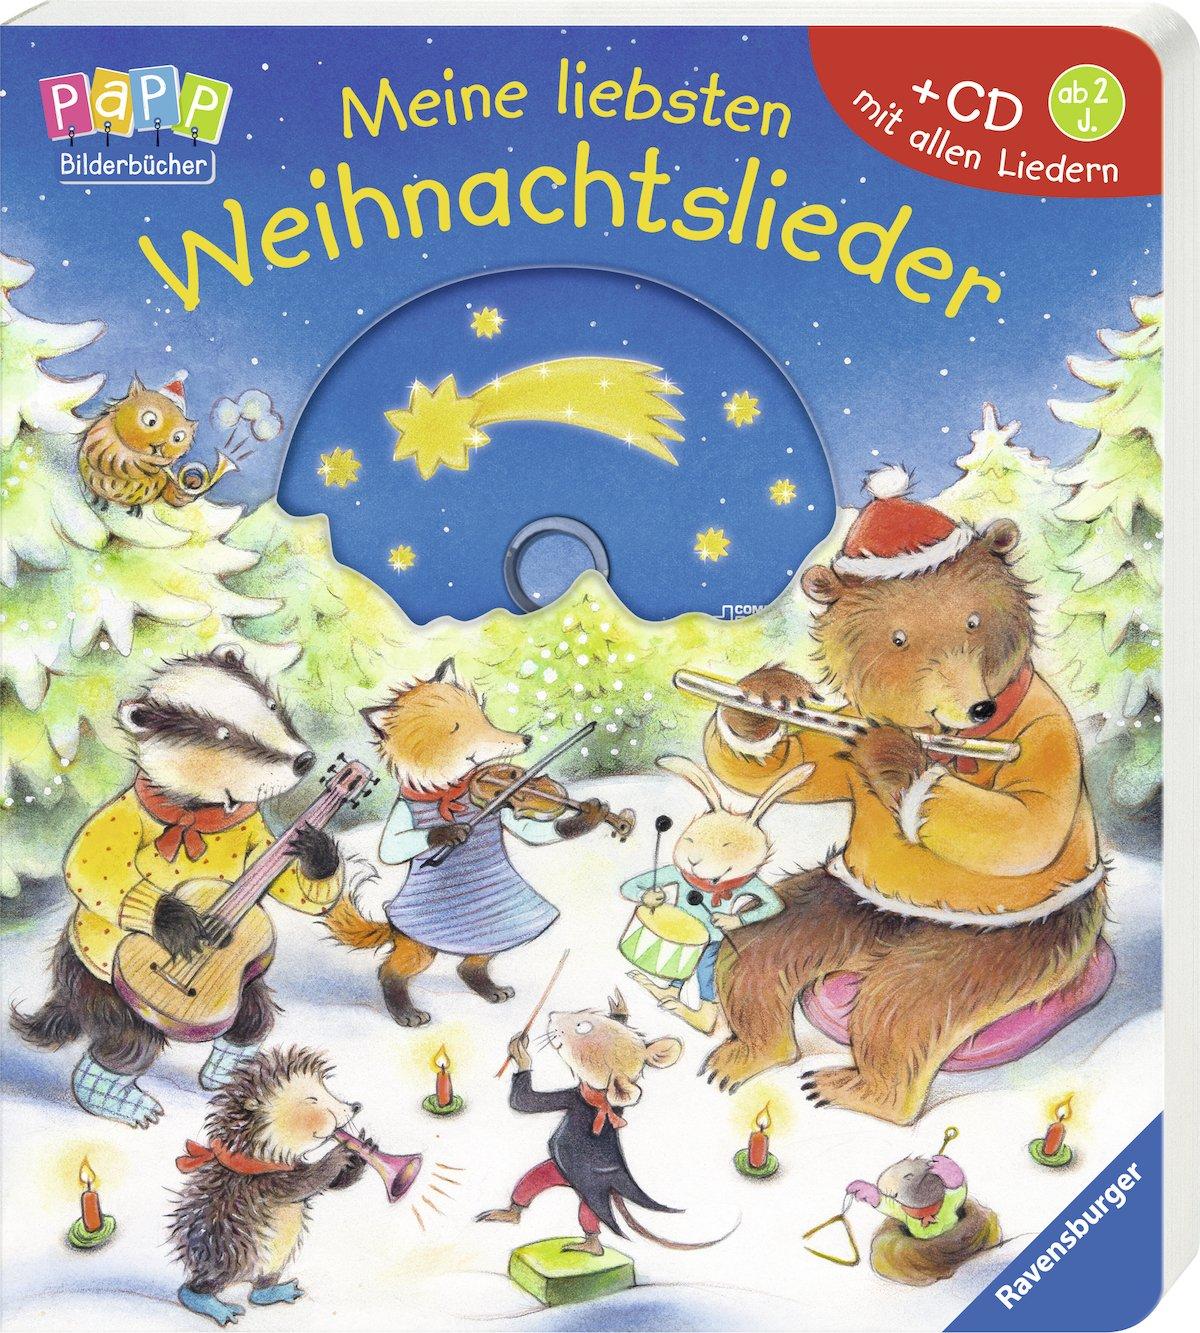 Meine liebsten Weihnachtslieder: Amazon.de: Rosemarie Künzler ...